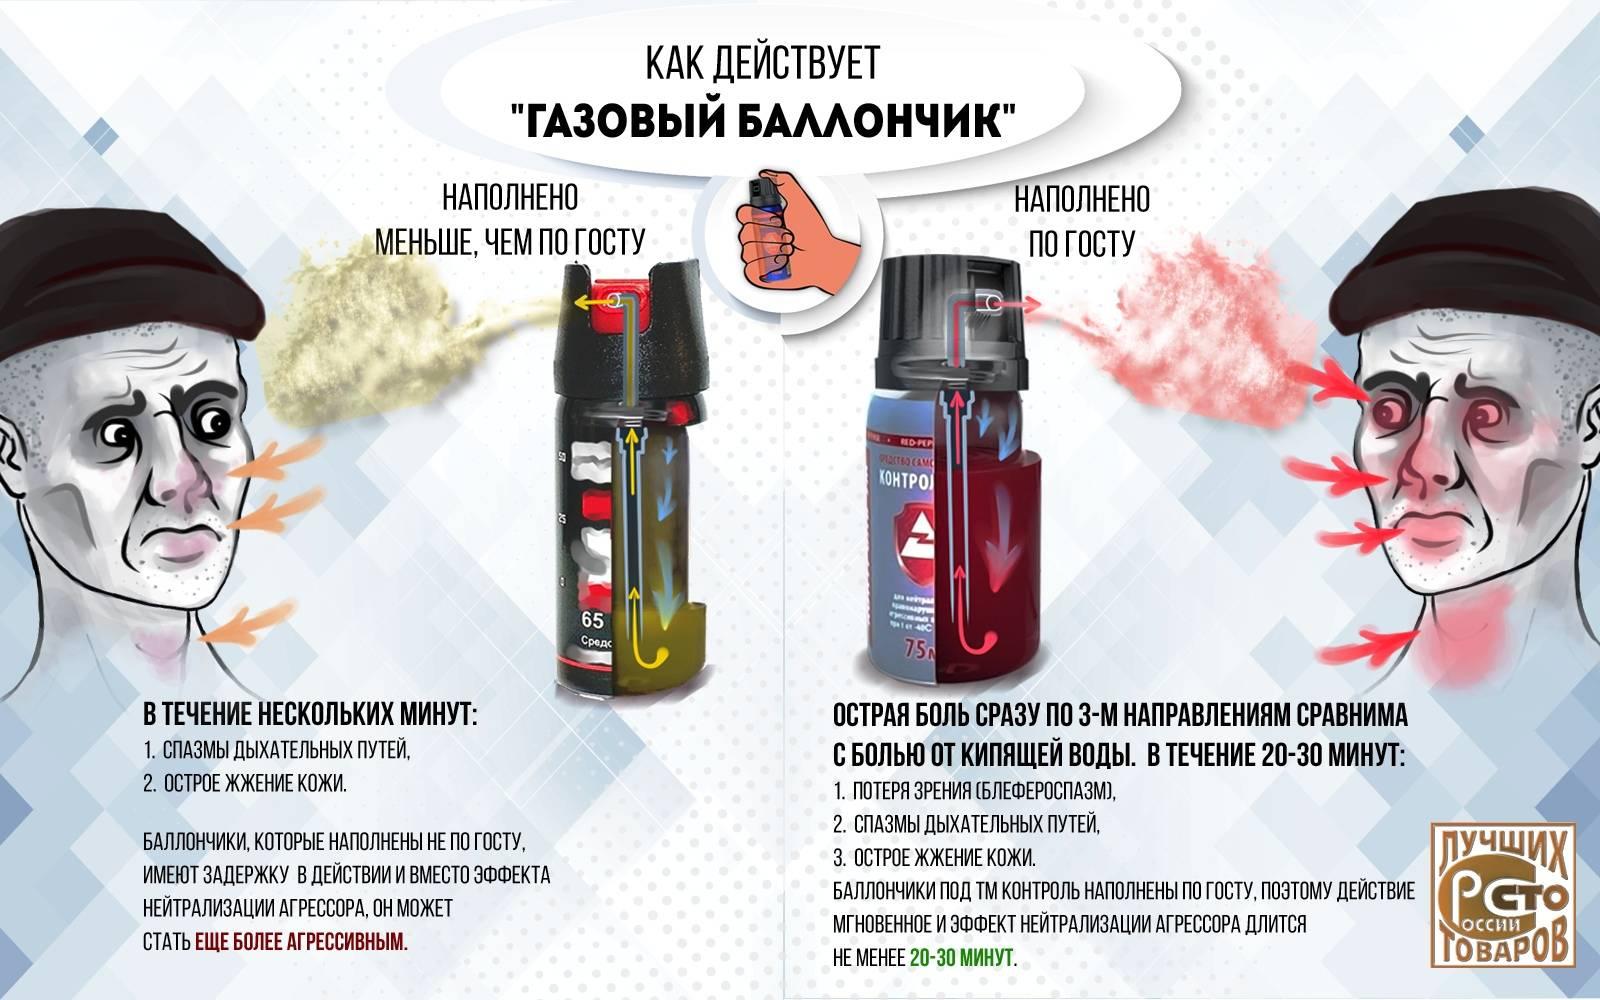 Перцовый баллончик - правила применения и механизм действия, где купить и как выбрать аэрозоль для самозащиты, отзывы